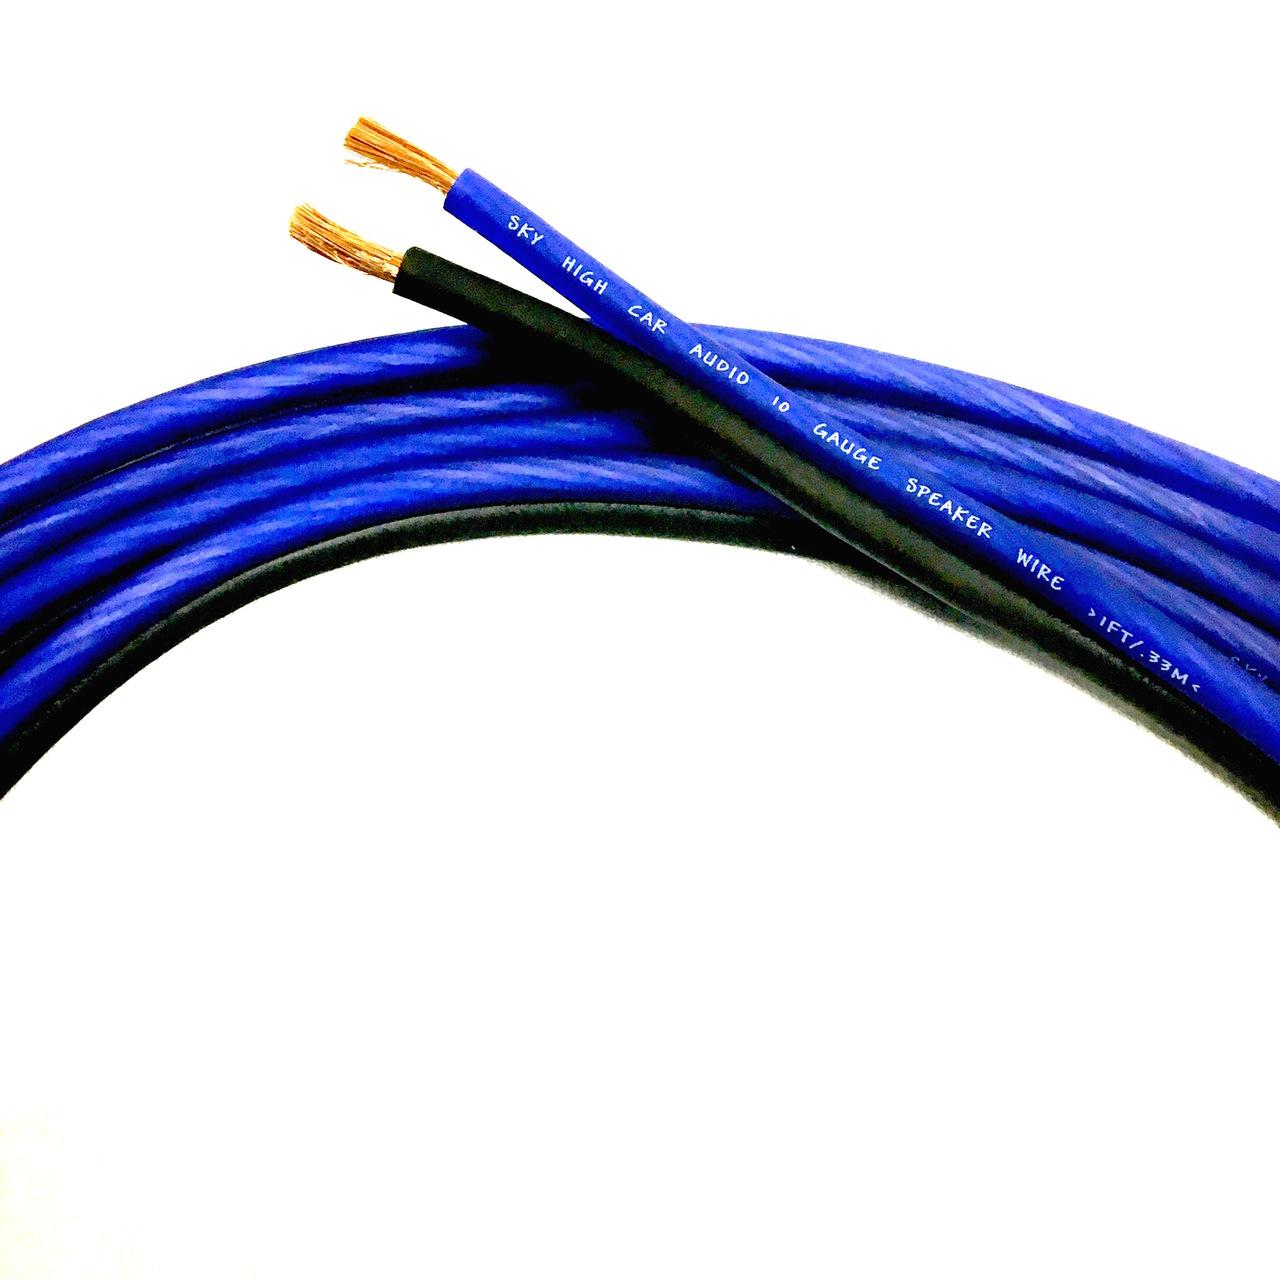 Sky High Car Audio OFC 8 Gauge Speaker Wire